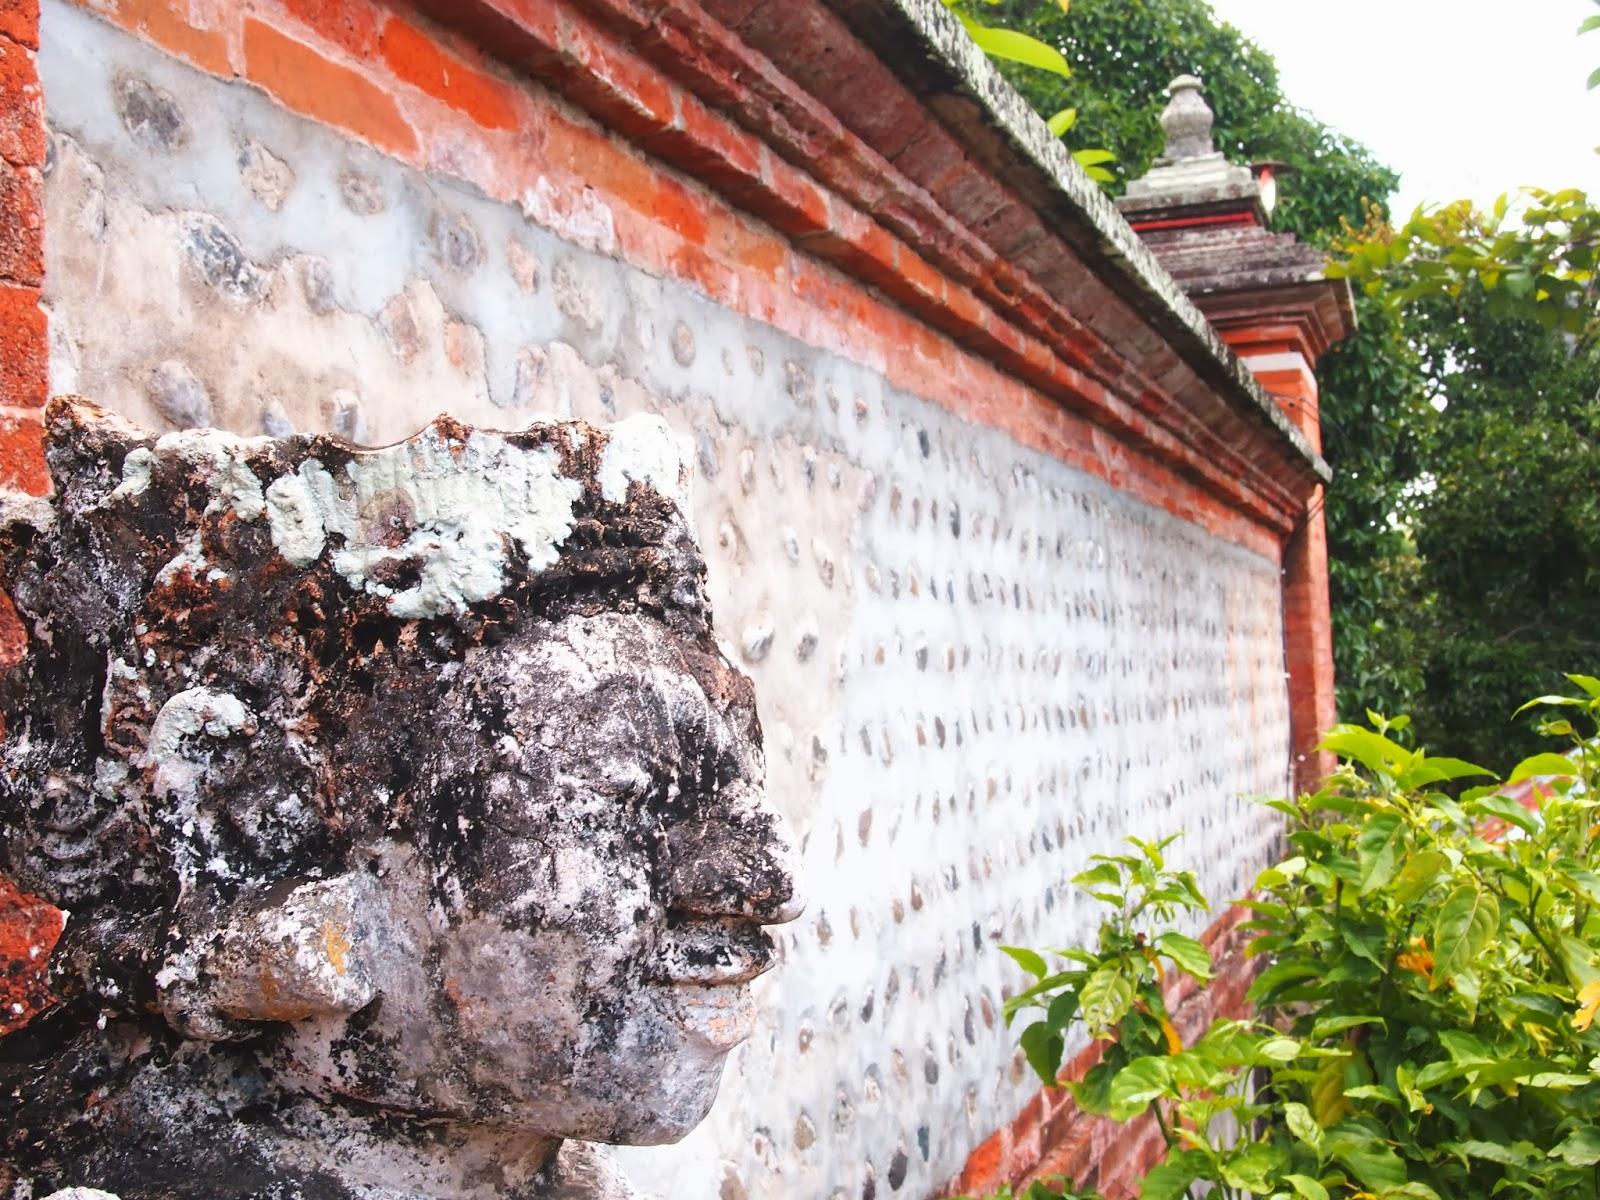 Blog Daryanto Pura Lingsar Museum Nusa Tenggara Barat Menjelajah Kota